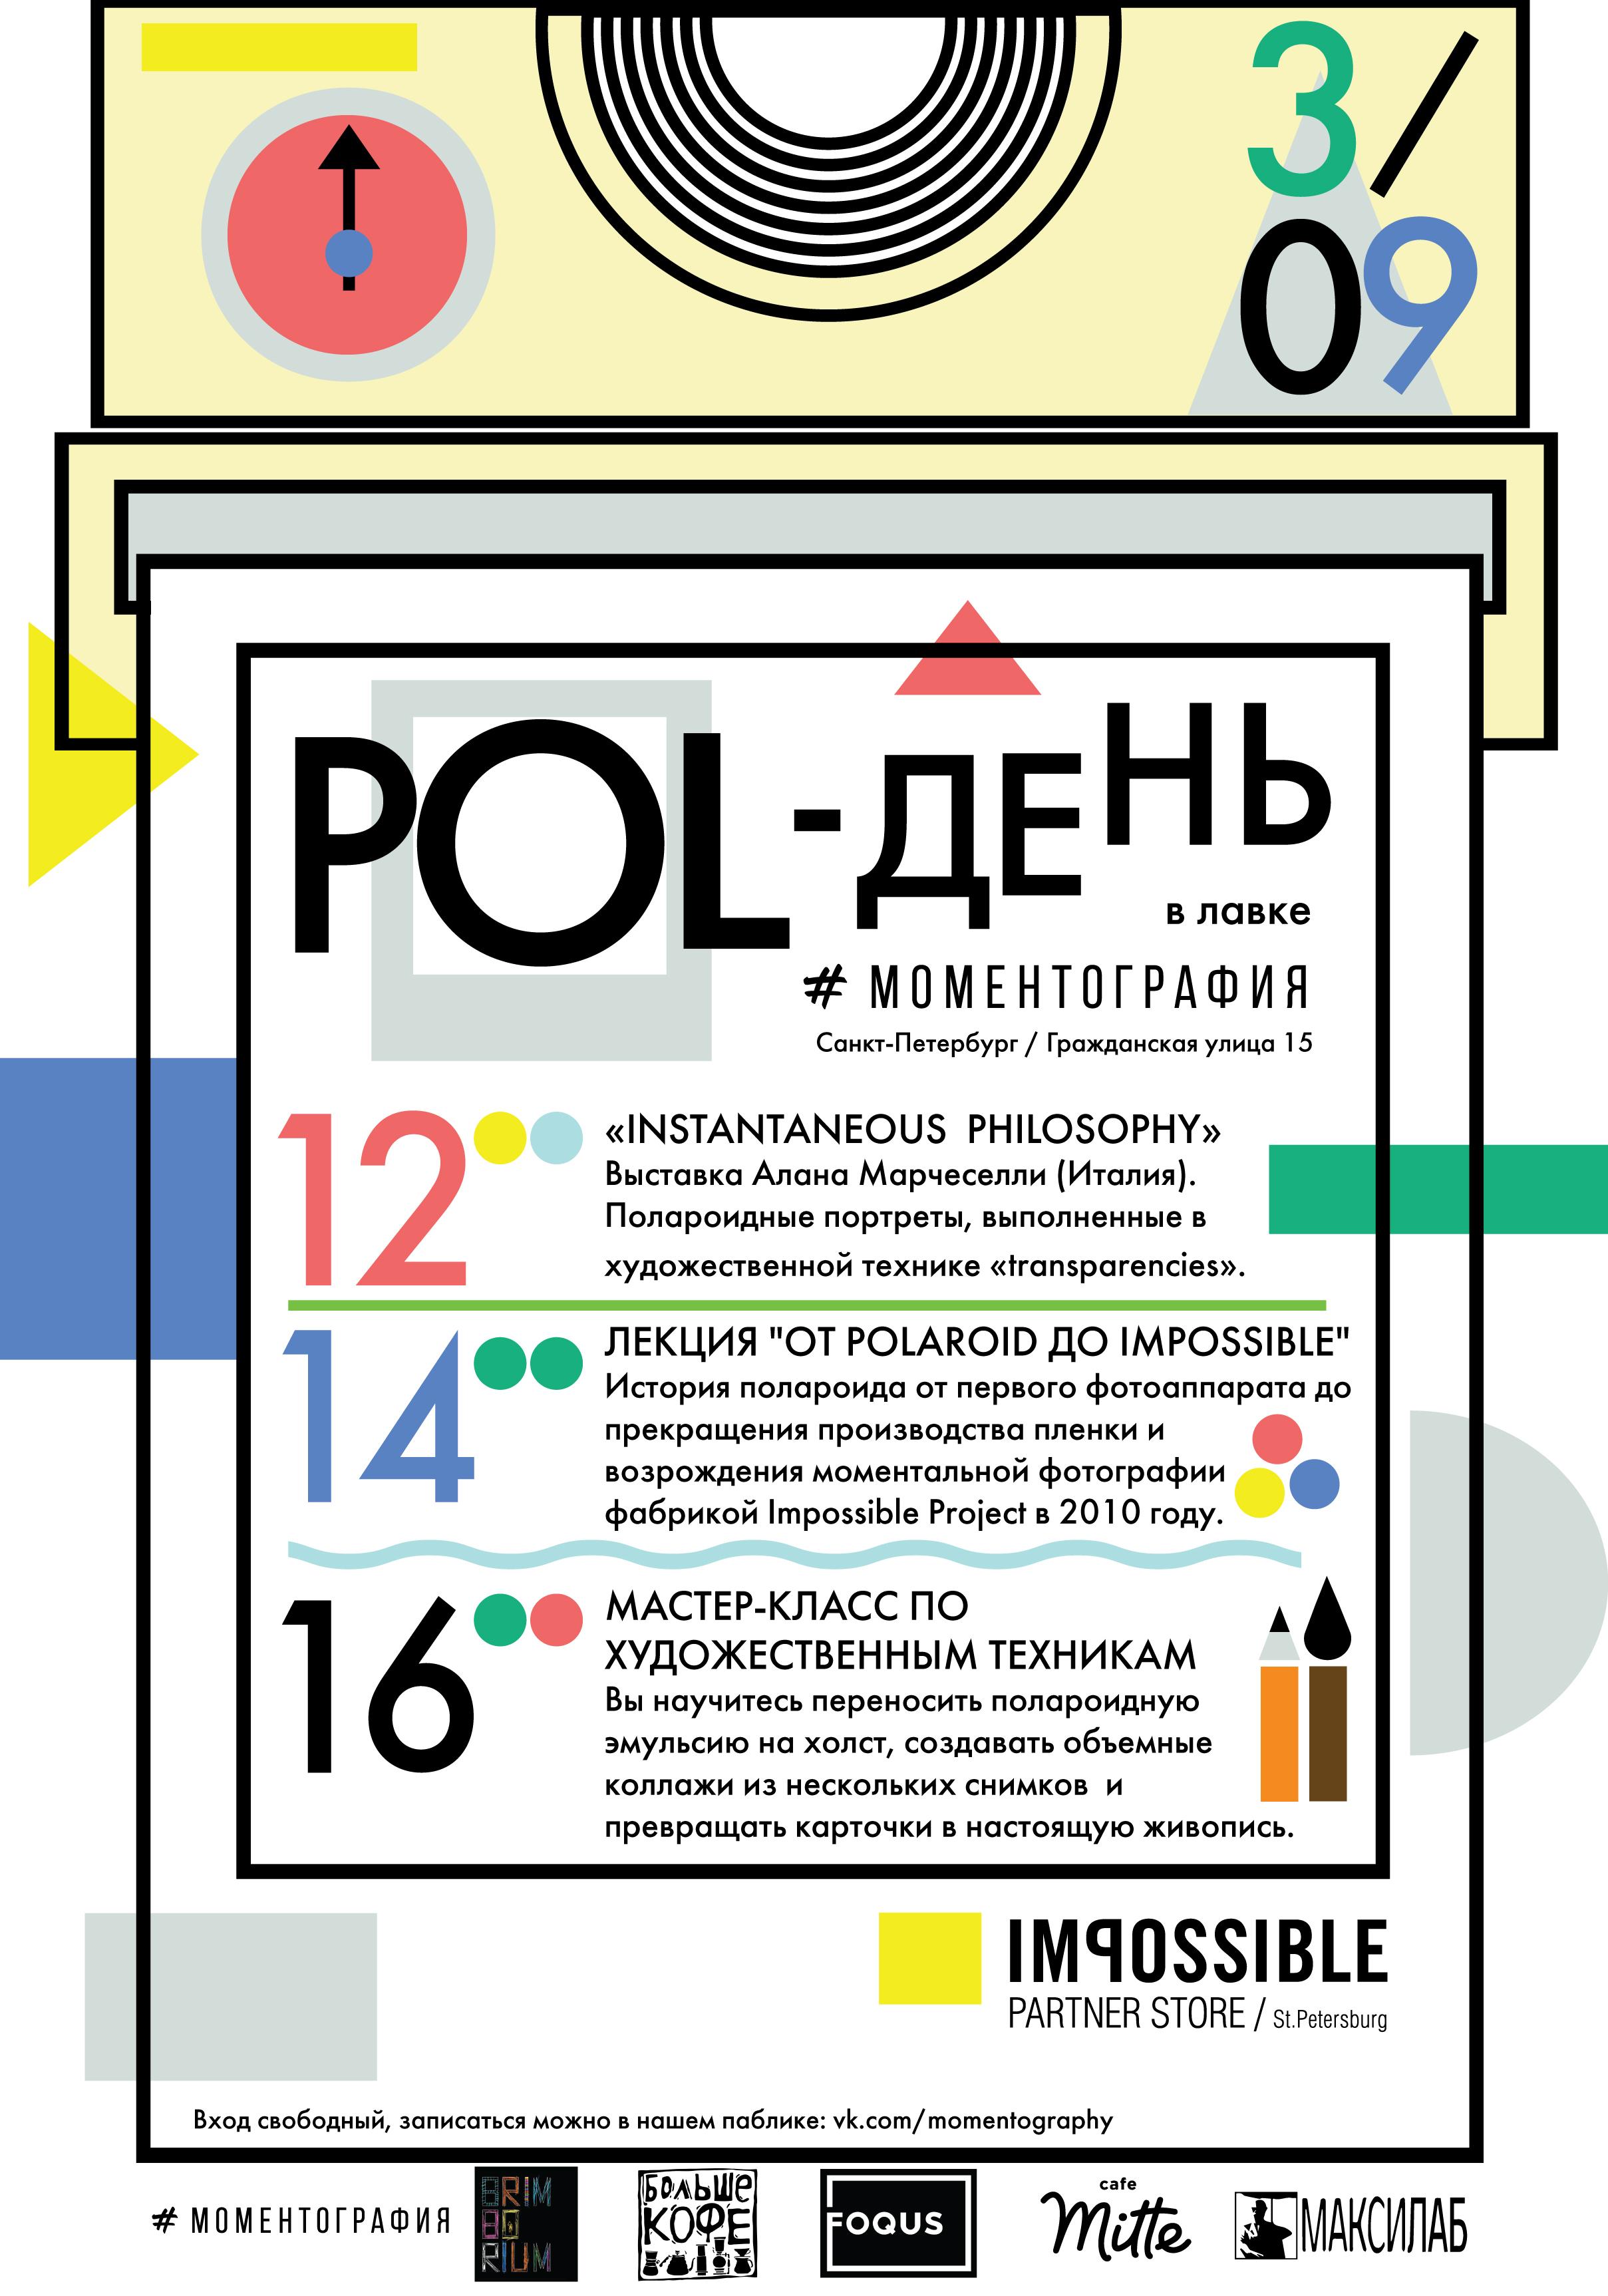 Afishon.jpg